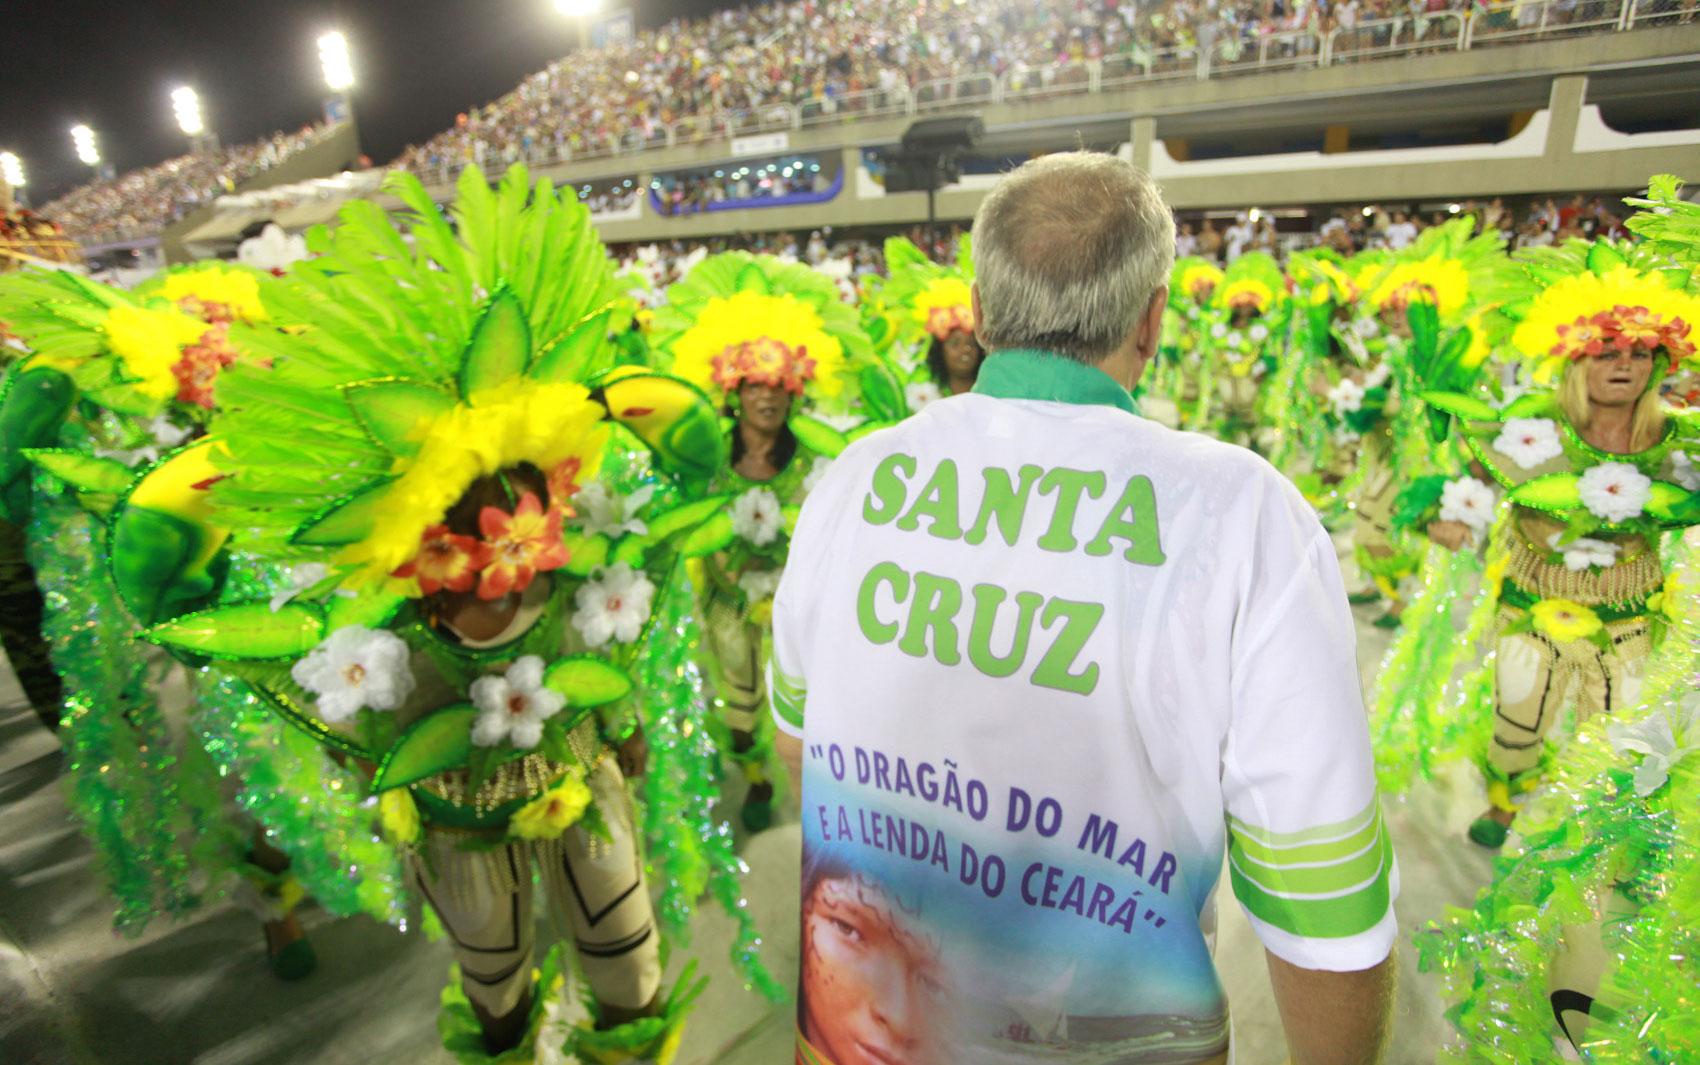 A Acadêmicos de Santa Cruz levou cerca de 2500 componentes para a avenida